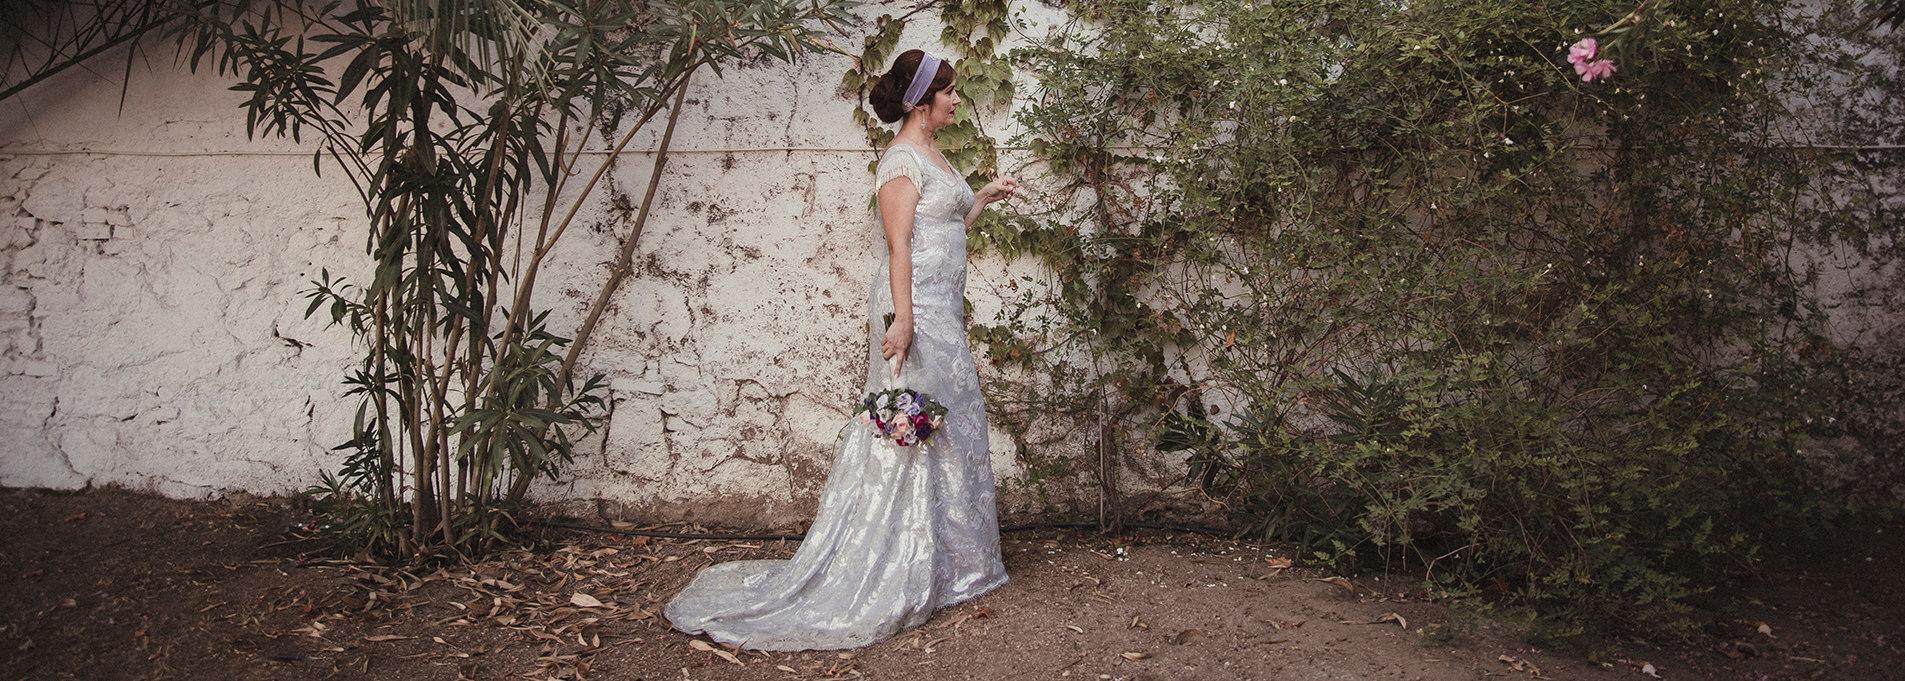 Estrella Diaz Photovisual. fotografo bodas badajoz merida sevilla landing06